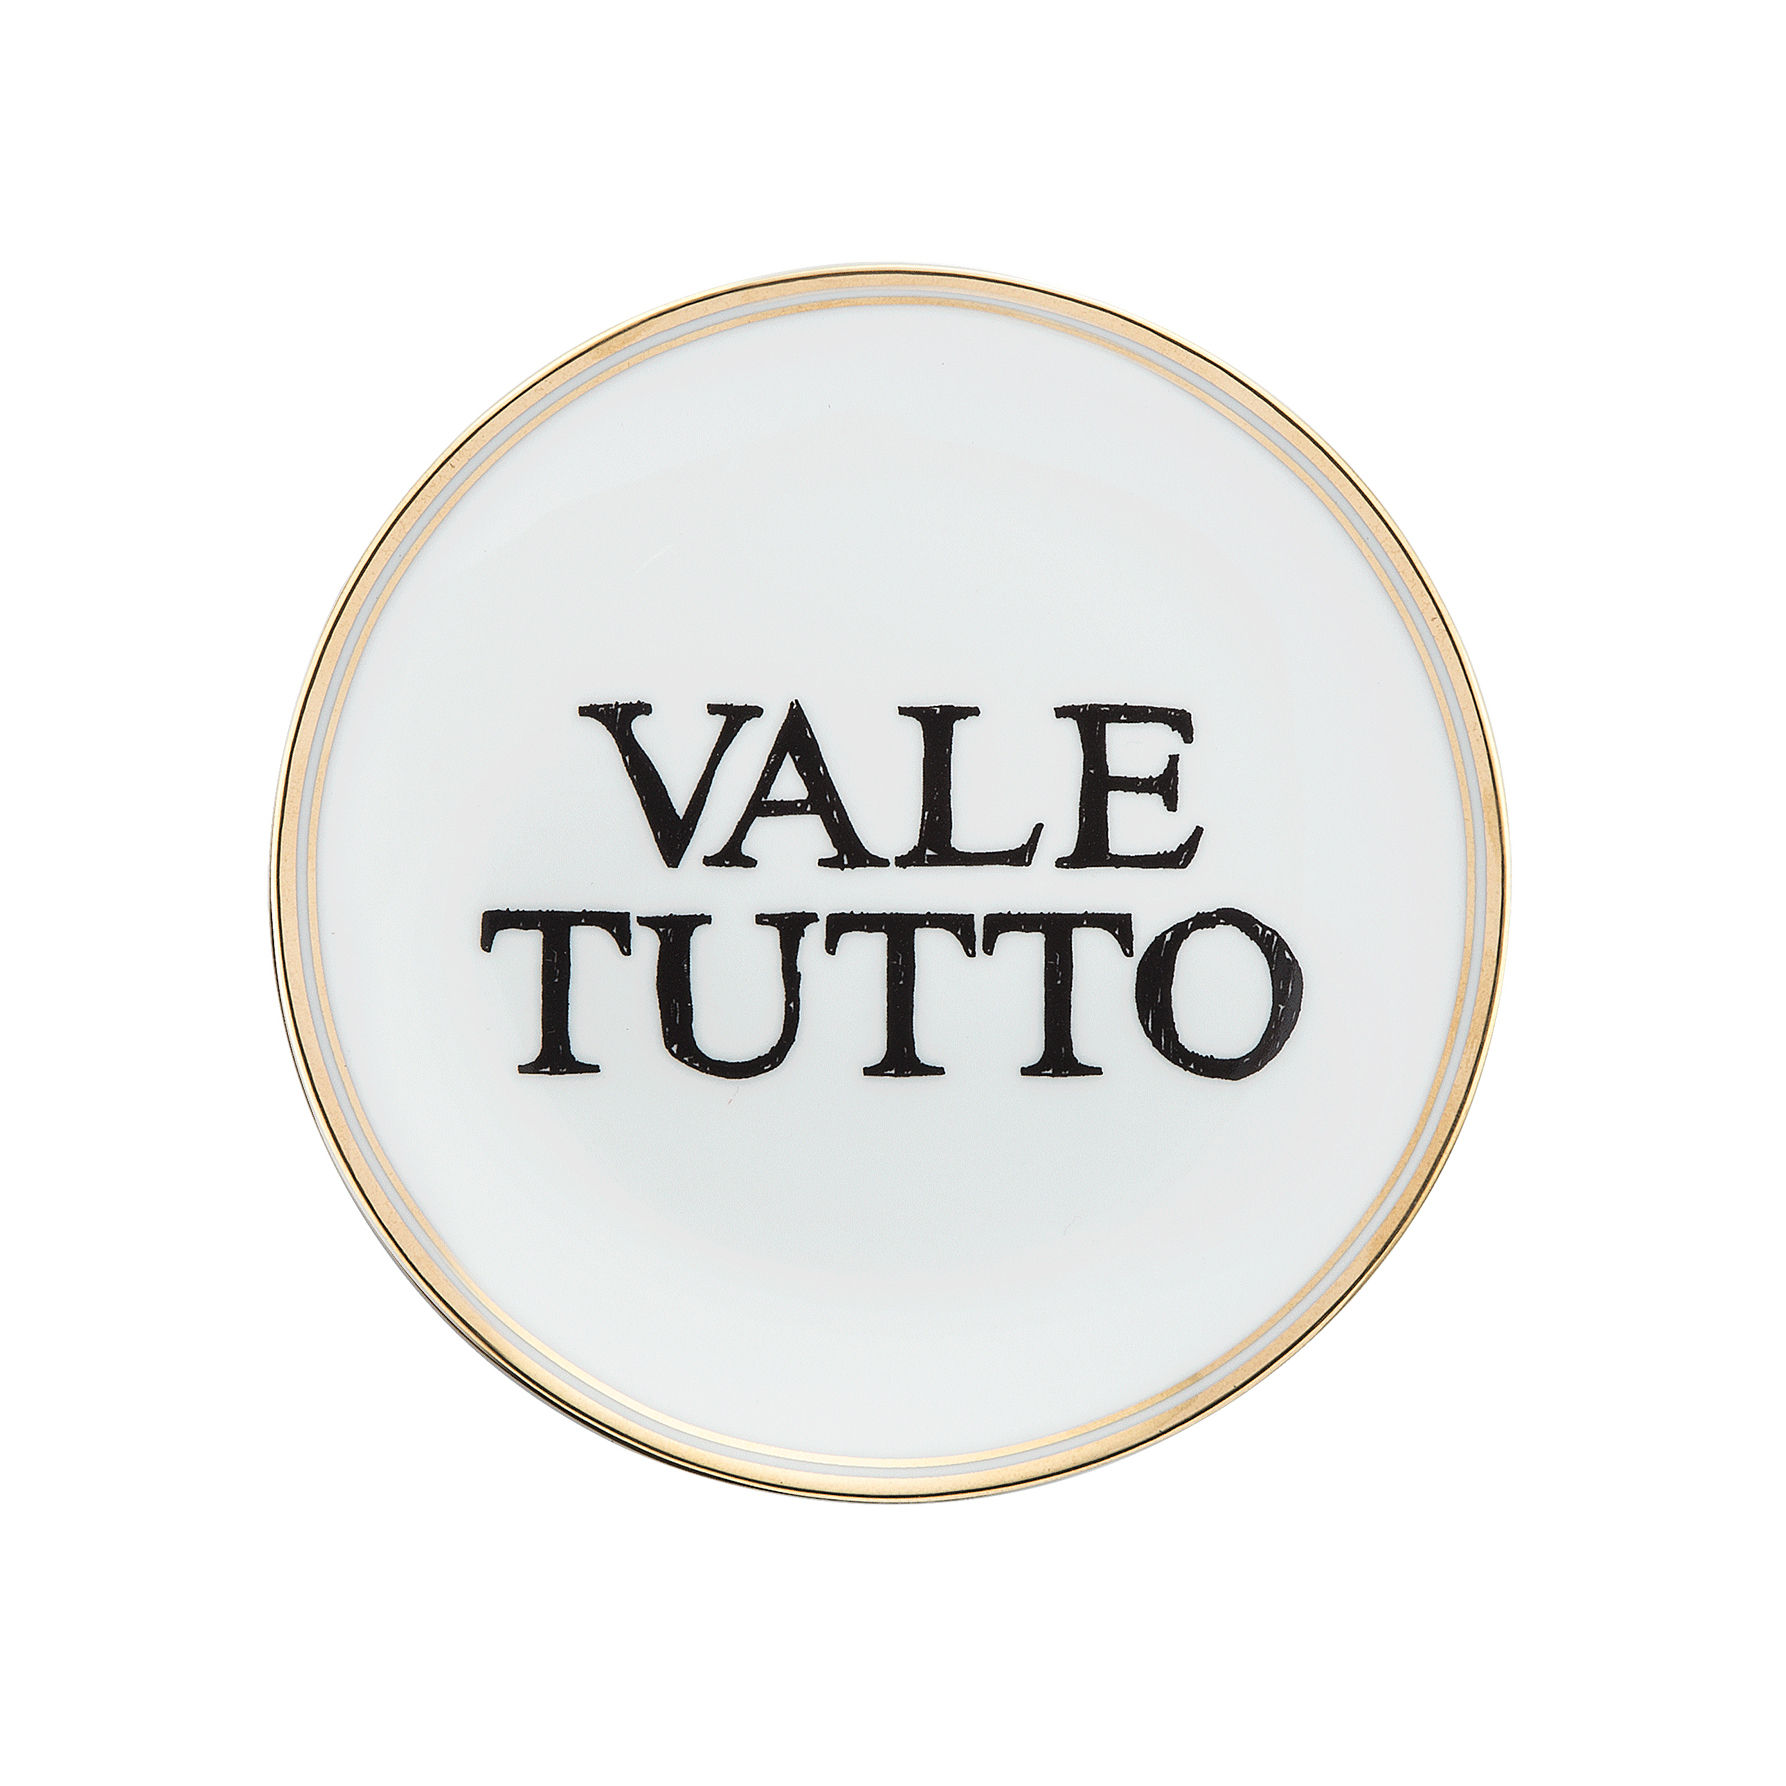 Tavola - Piatti  - Piatto da dessert Vale tutto - / Ø 15 cm di Bitossi Home - Vale tutto - Porcellana